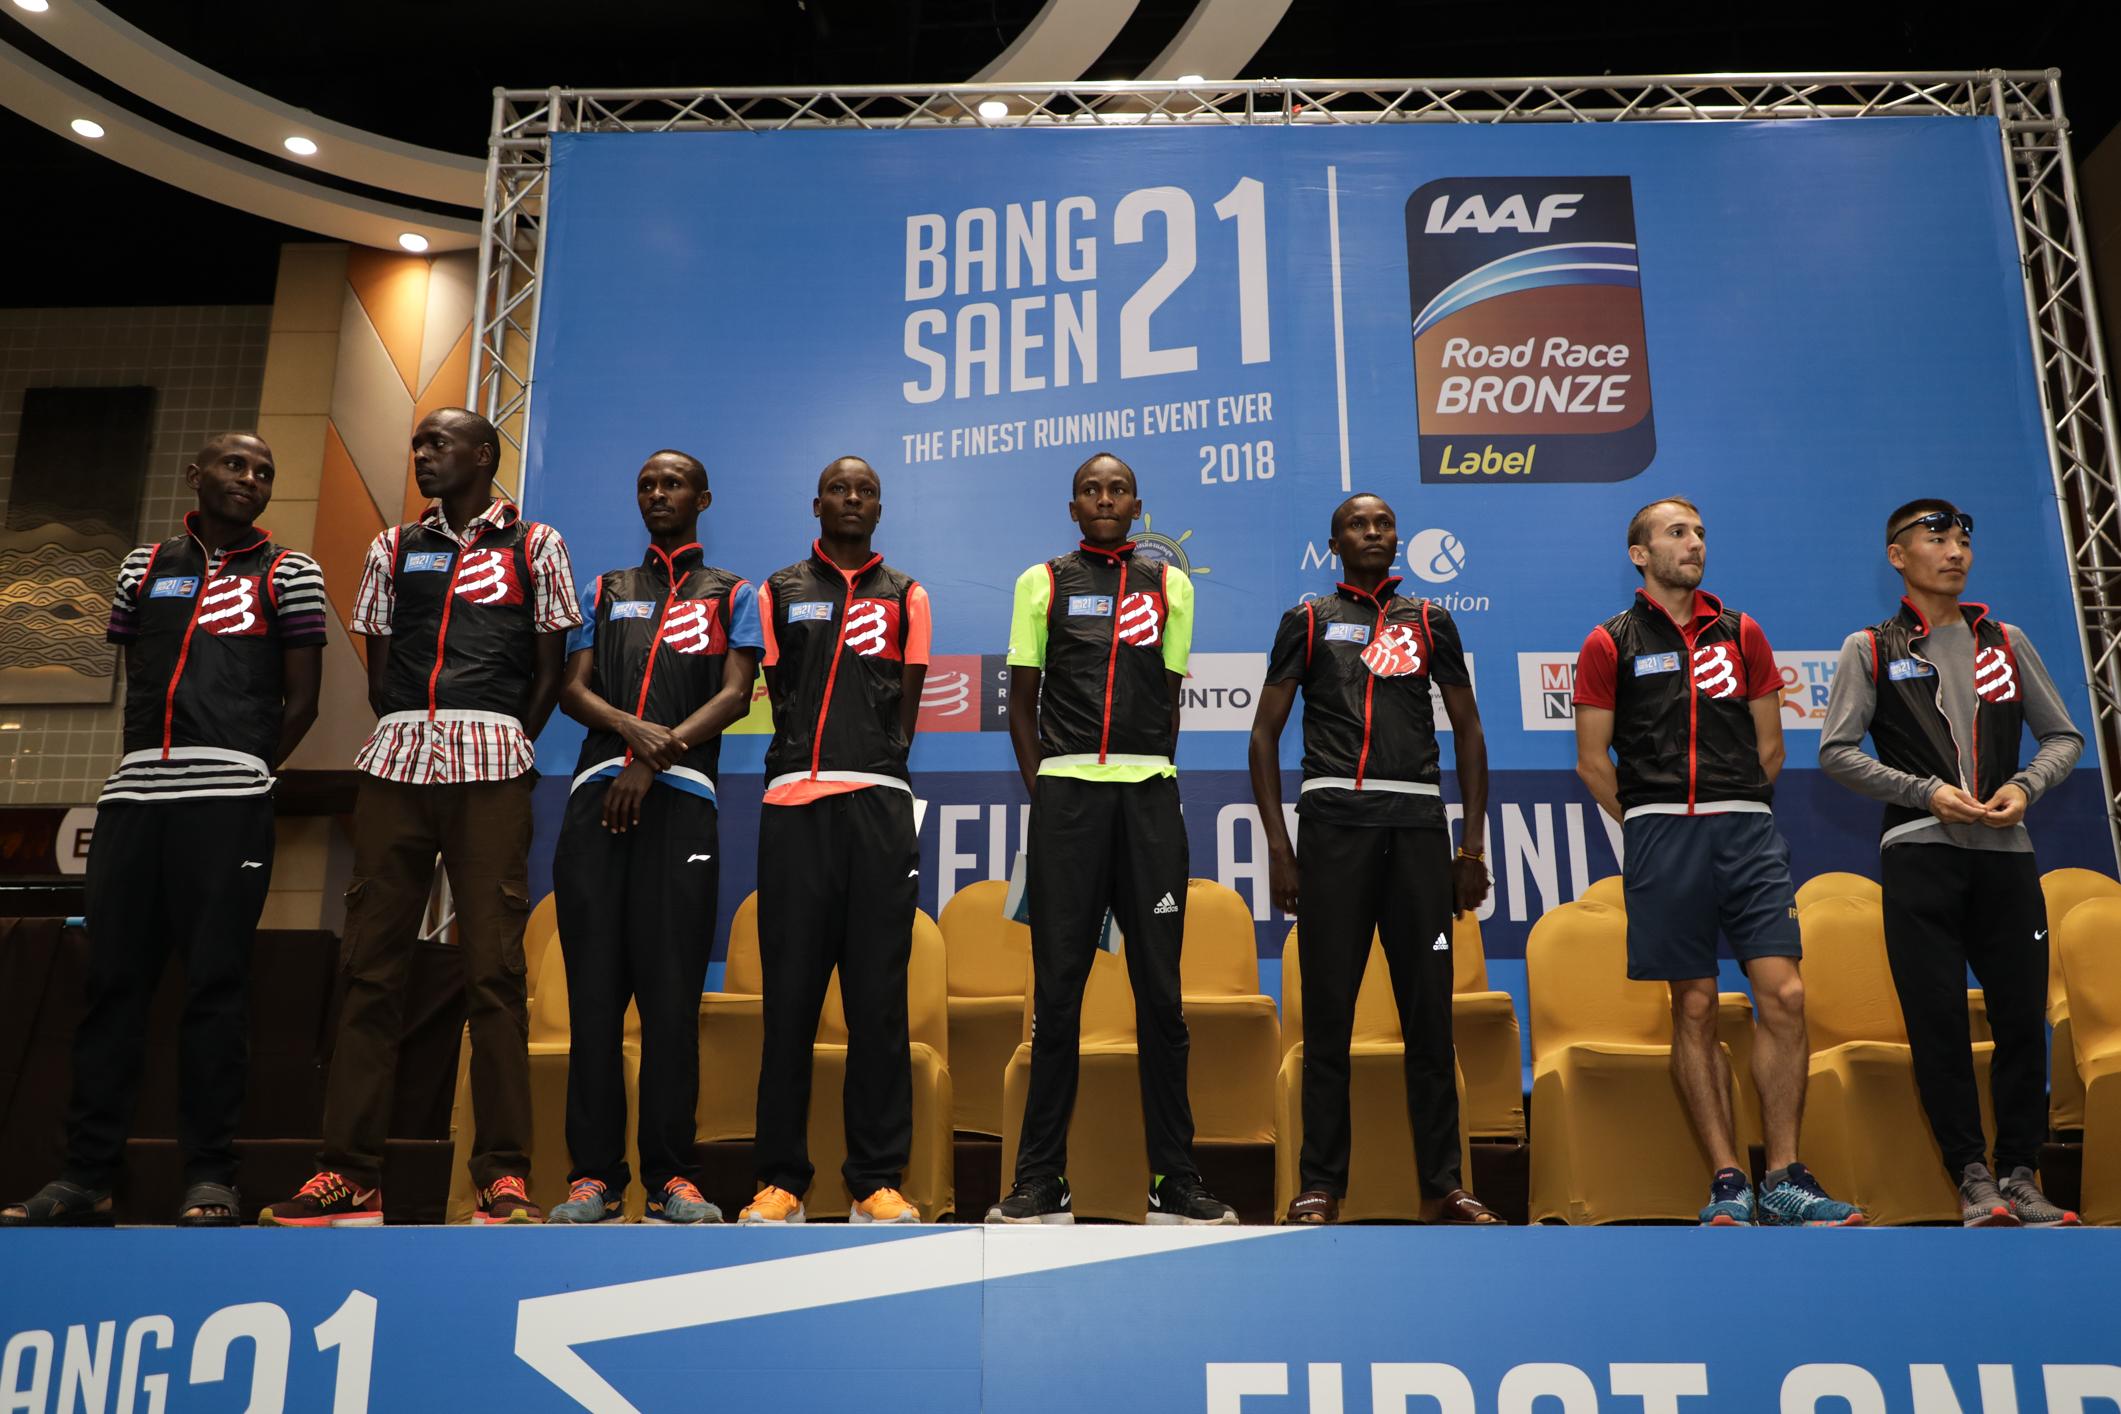 """""""บางแสน21 ฮาล์ฟมาราธอน 2018"""" งานวิ่งมาตรฐานระดับโลก IAAF Bronze Label นักวิ่งระดับโลกตบเท้าร่วมทำลายสถิติคับคั่ง"""